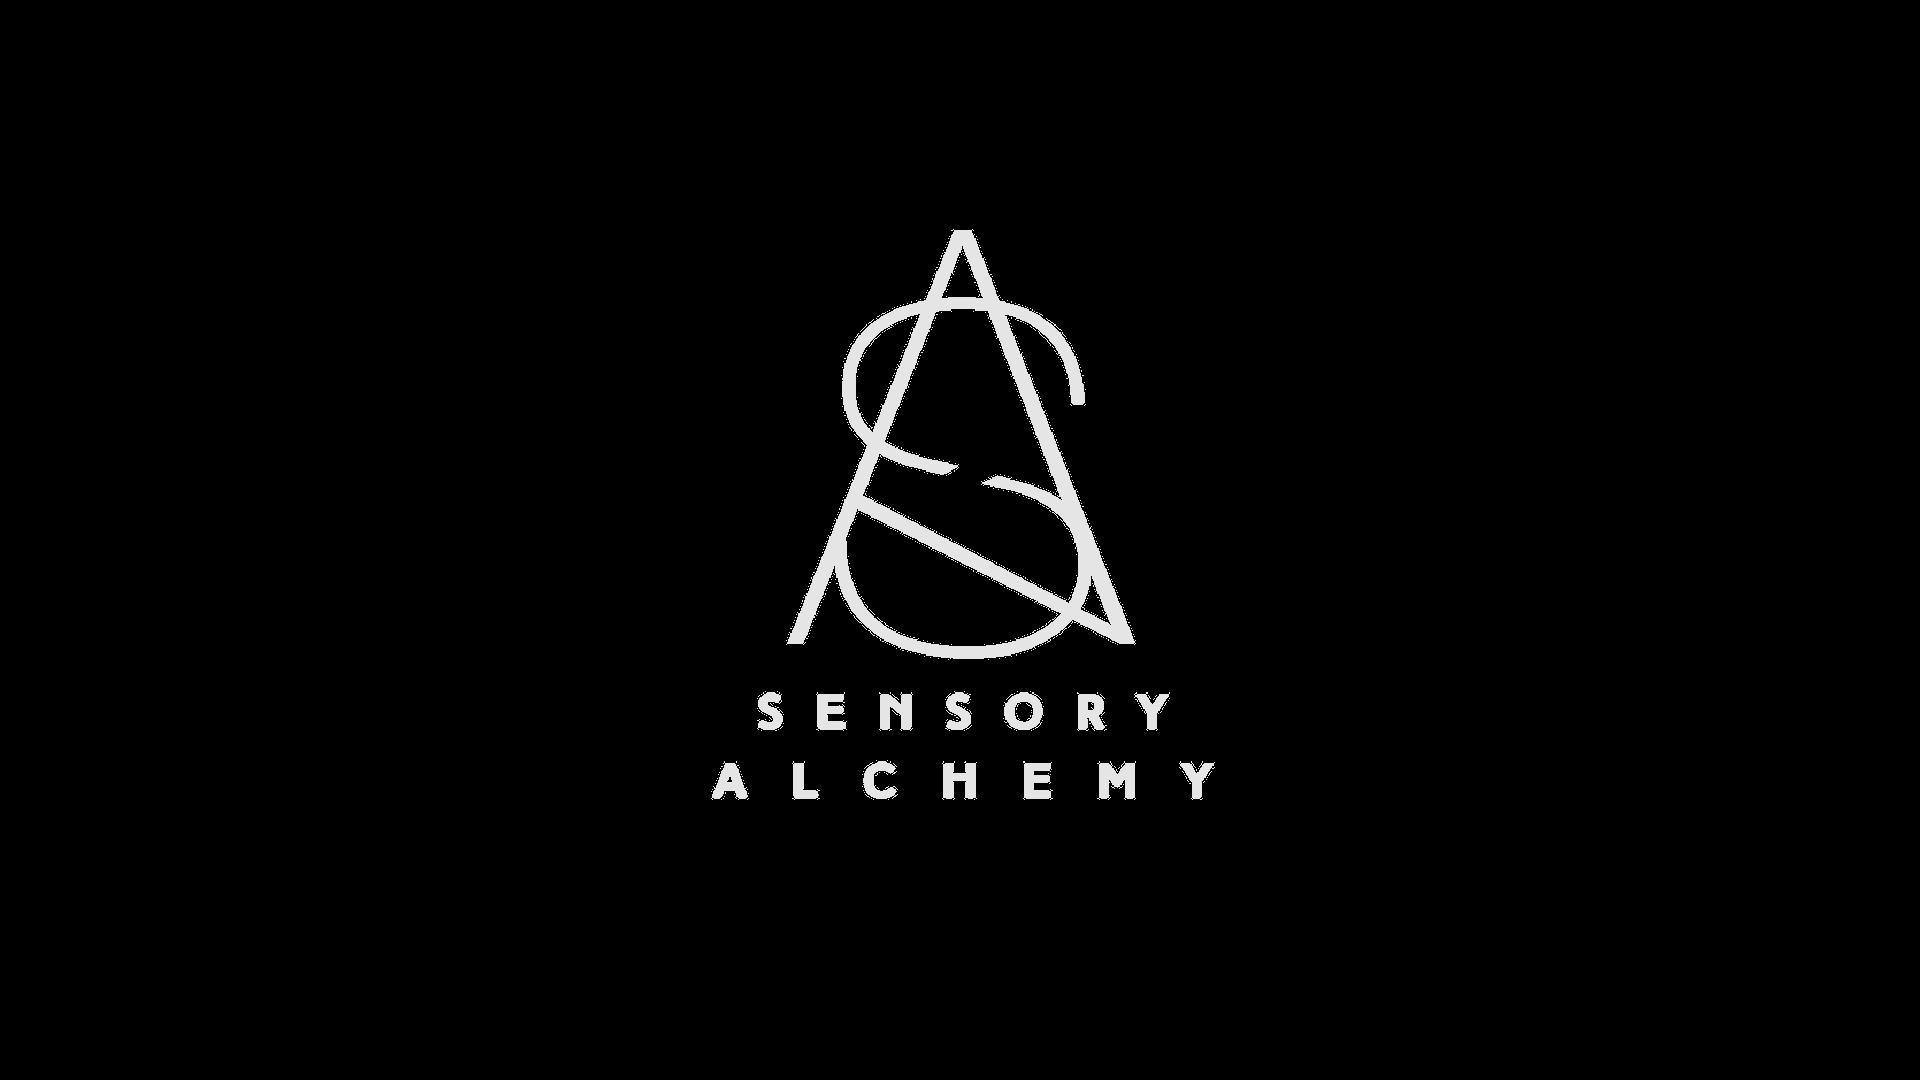 Sensory Alchemy